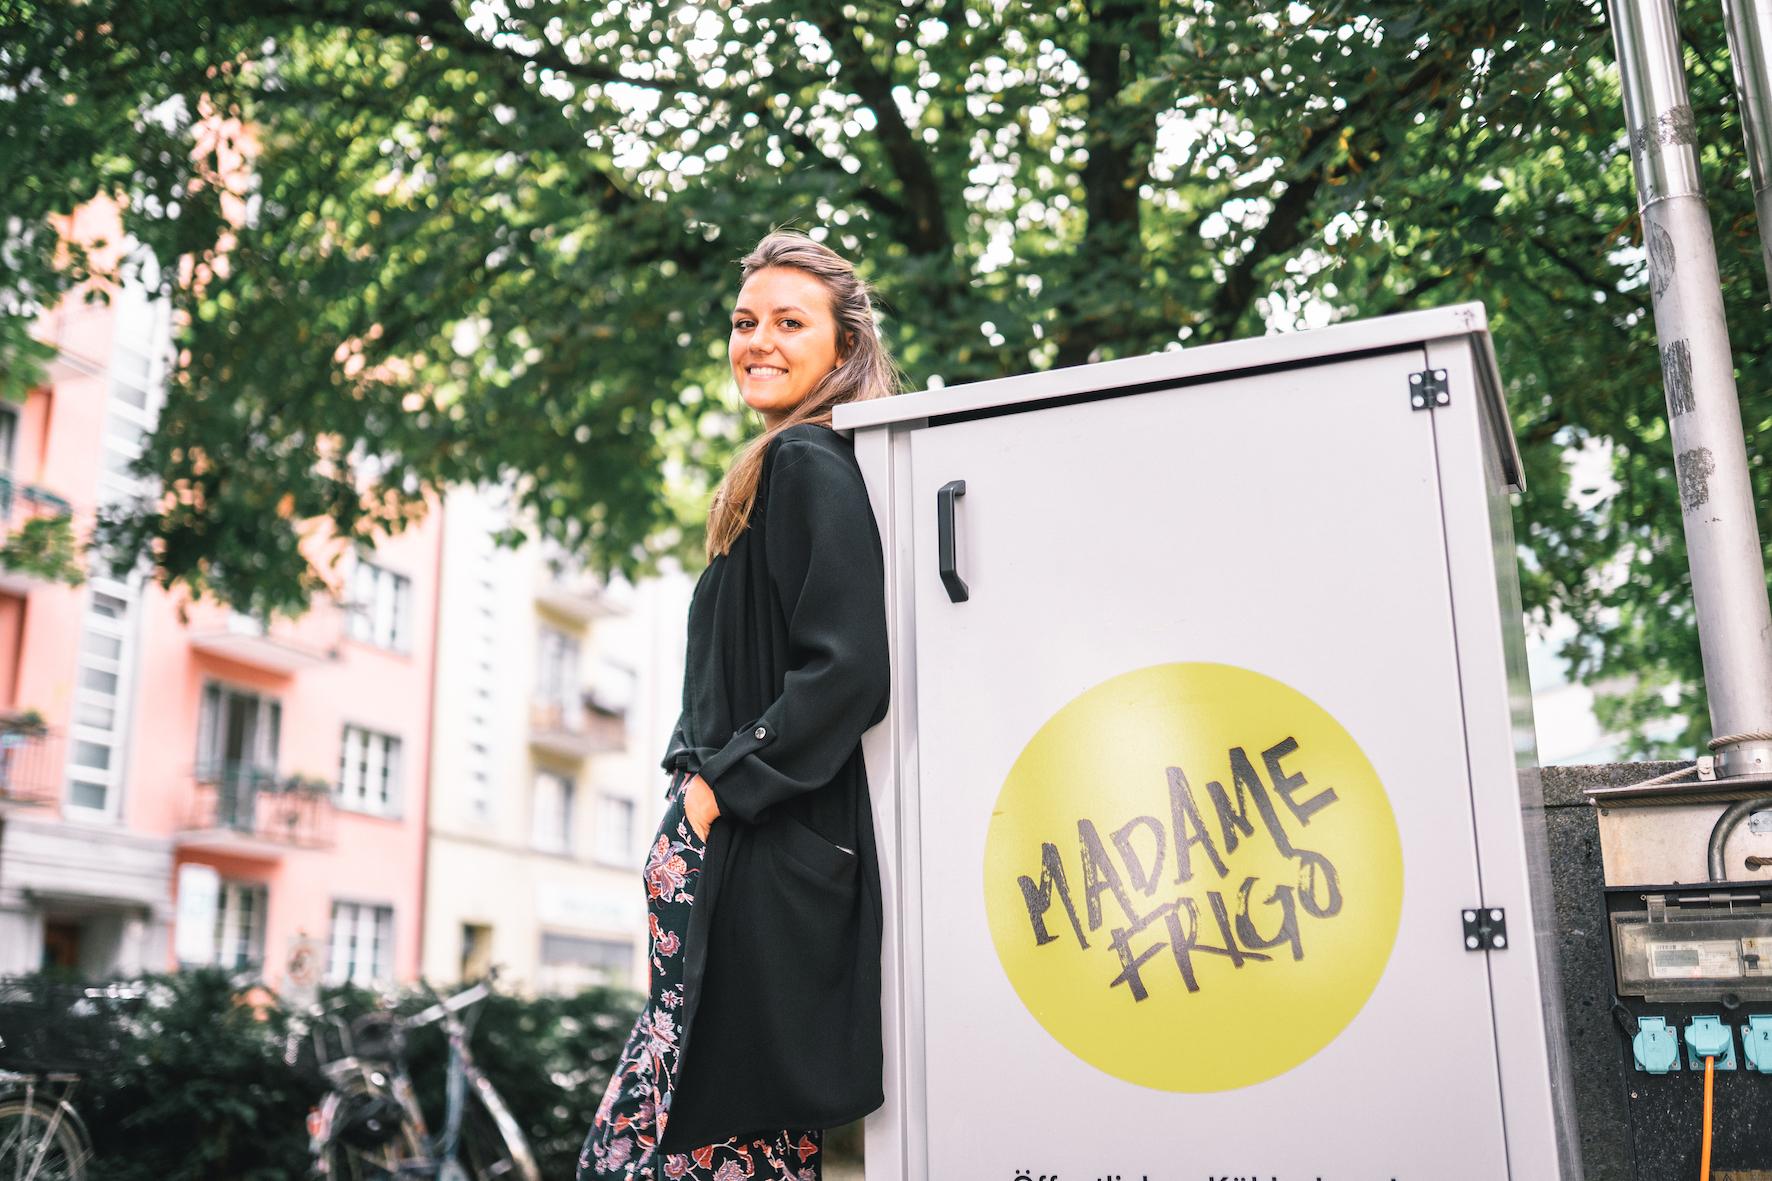 Jana vor einem Madame Frigo Kühlschrank.